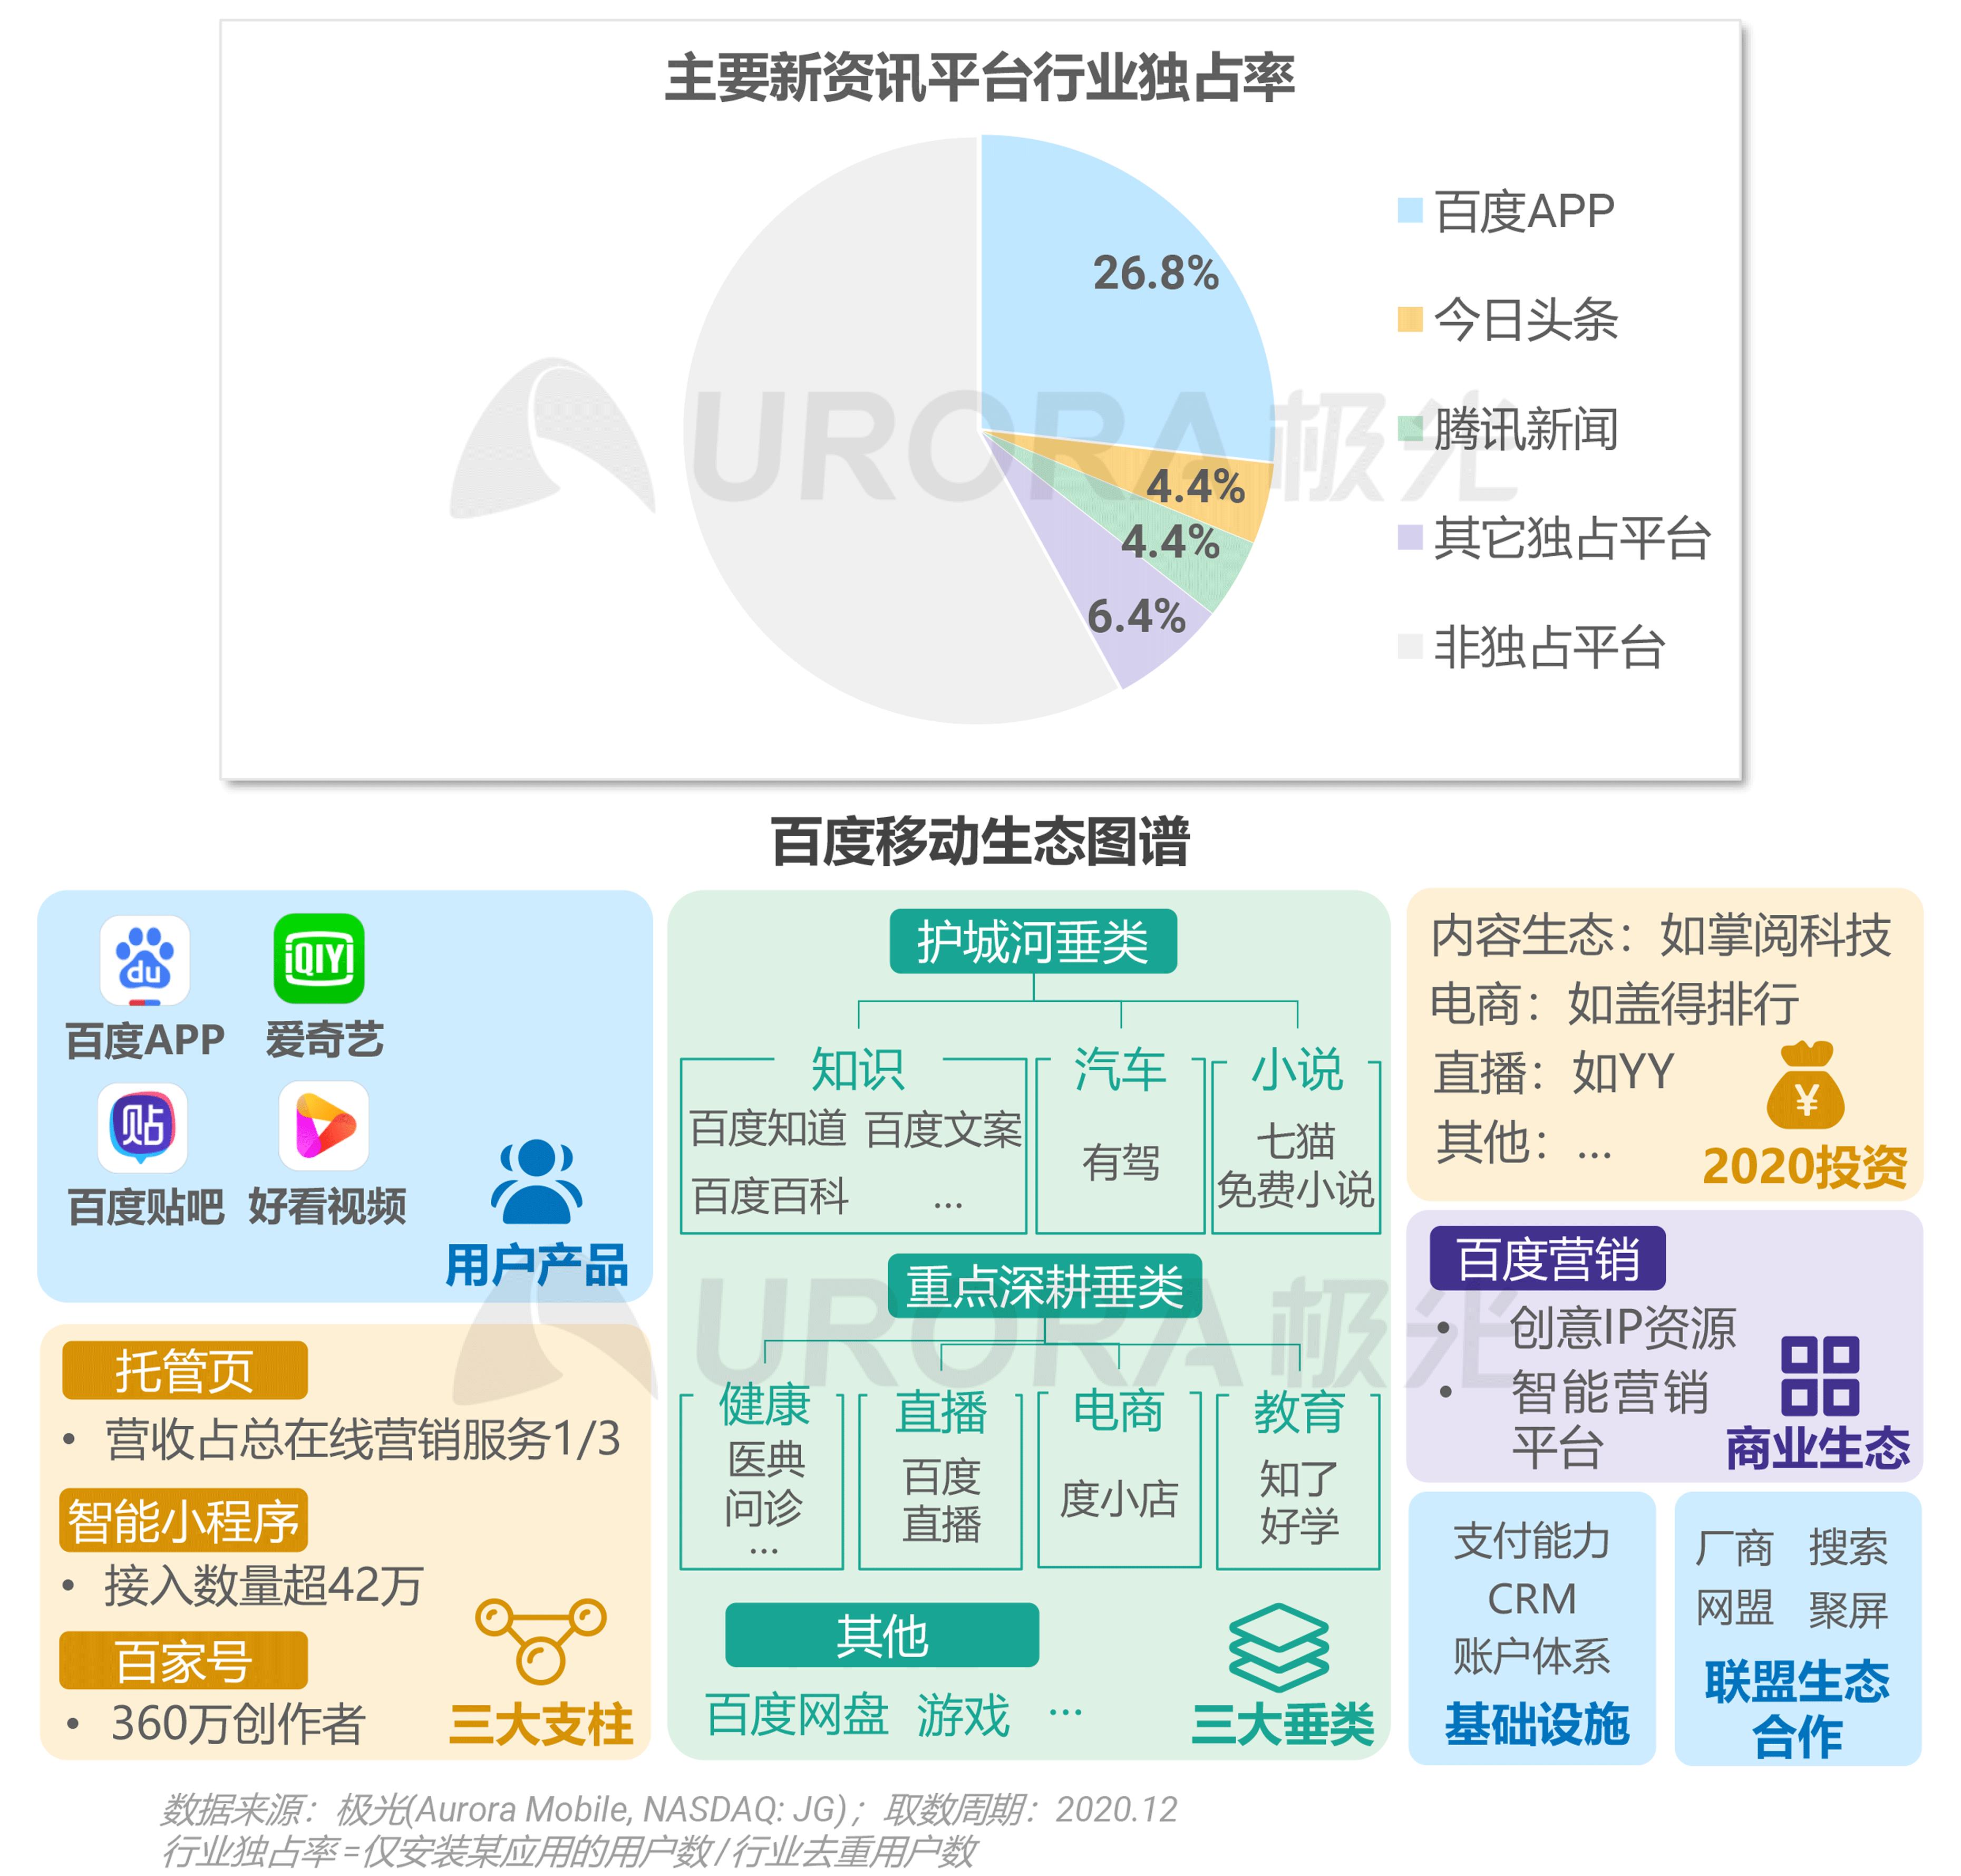 极光:2020年新资讯行业年度盘点报告 (19).png